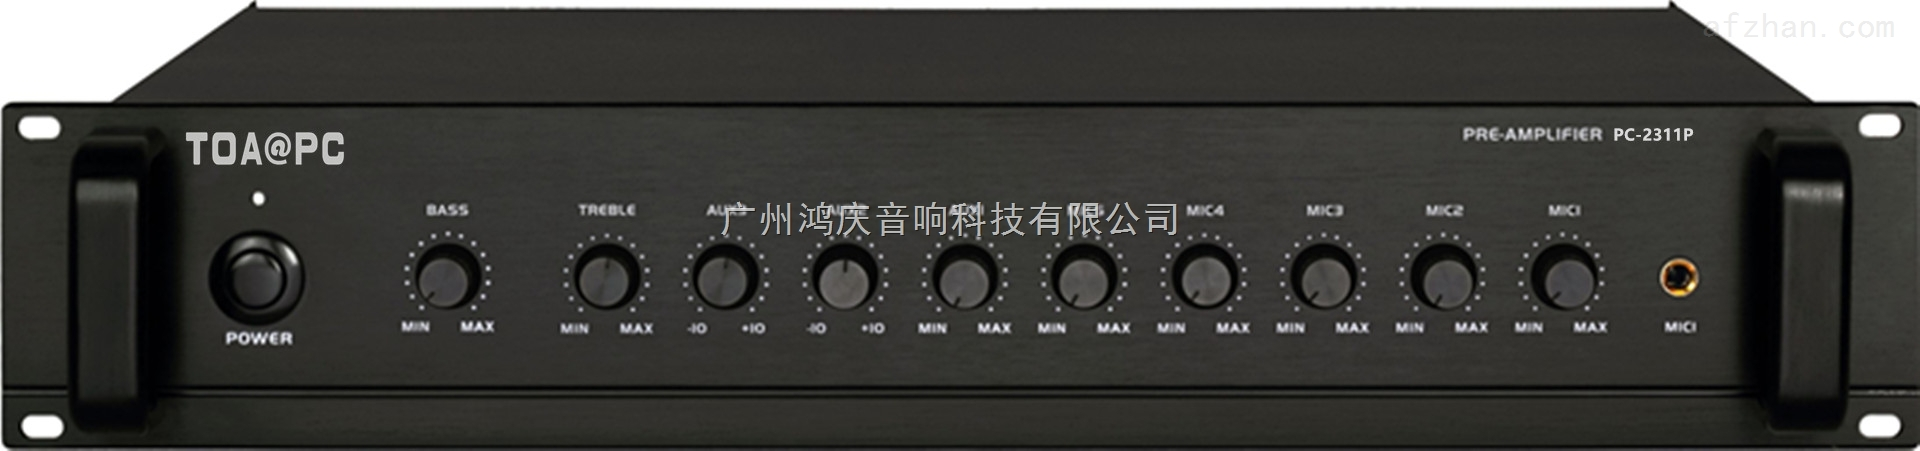 PC-2311P公共广播前置放大器